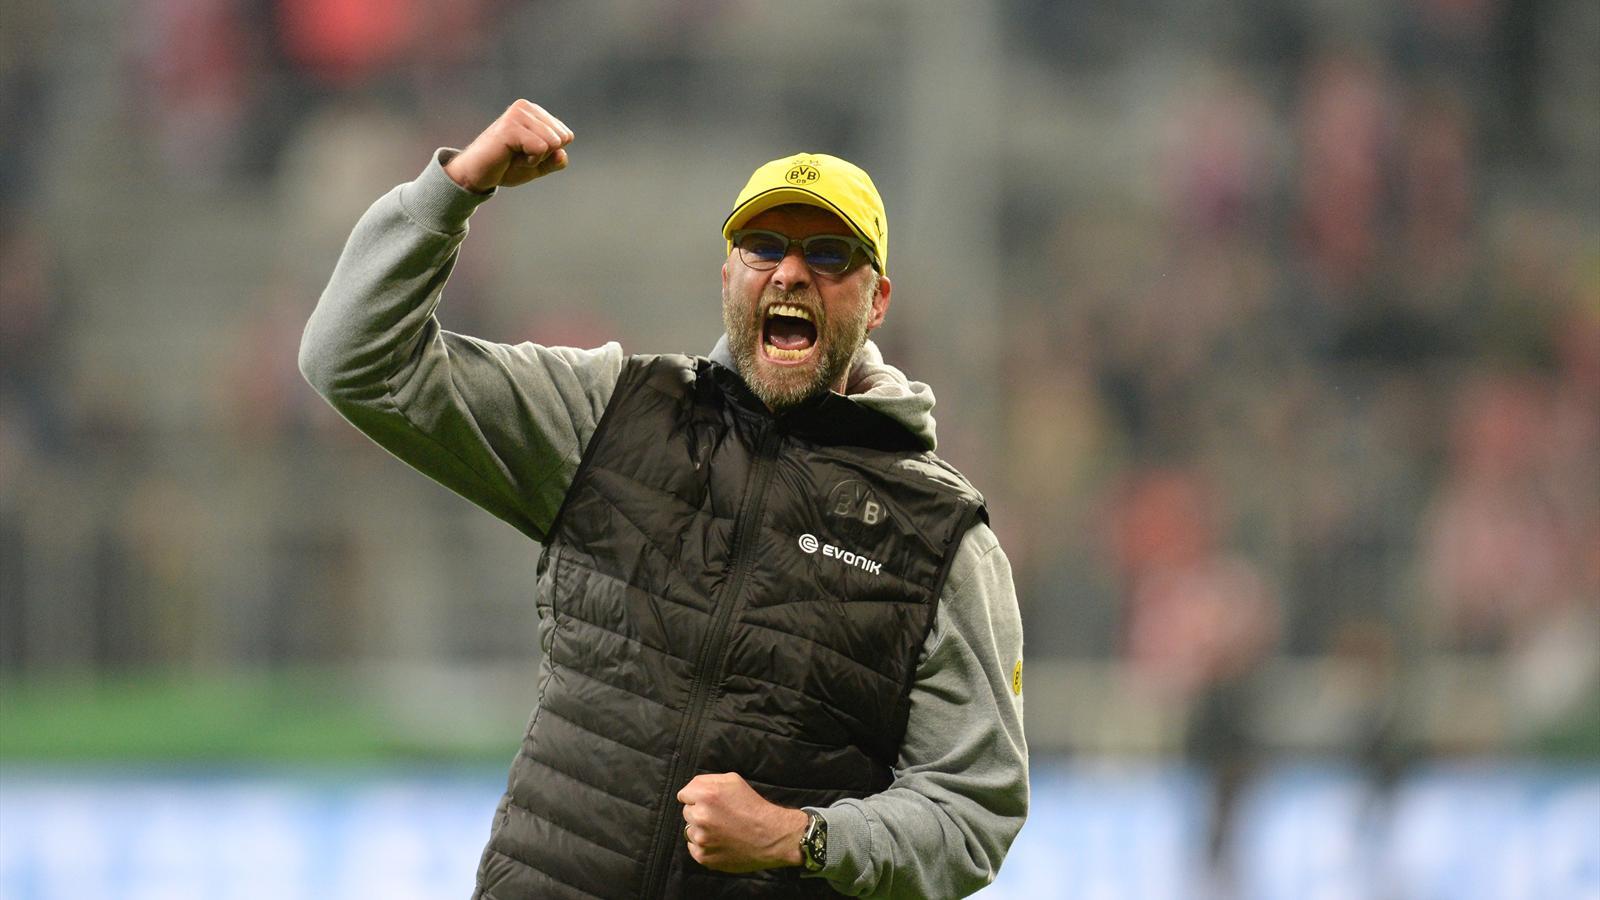 Jurgen Klopp célèbre la victoire du Borussia Dortmund sur le Bayern Munich en demi-finale de la Coupe d'Allemagne